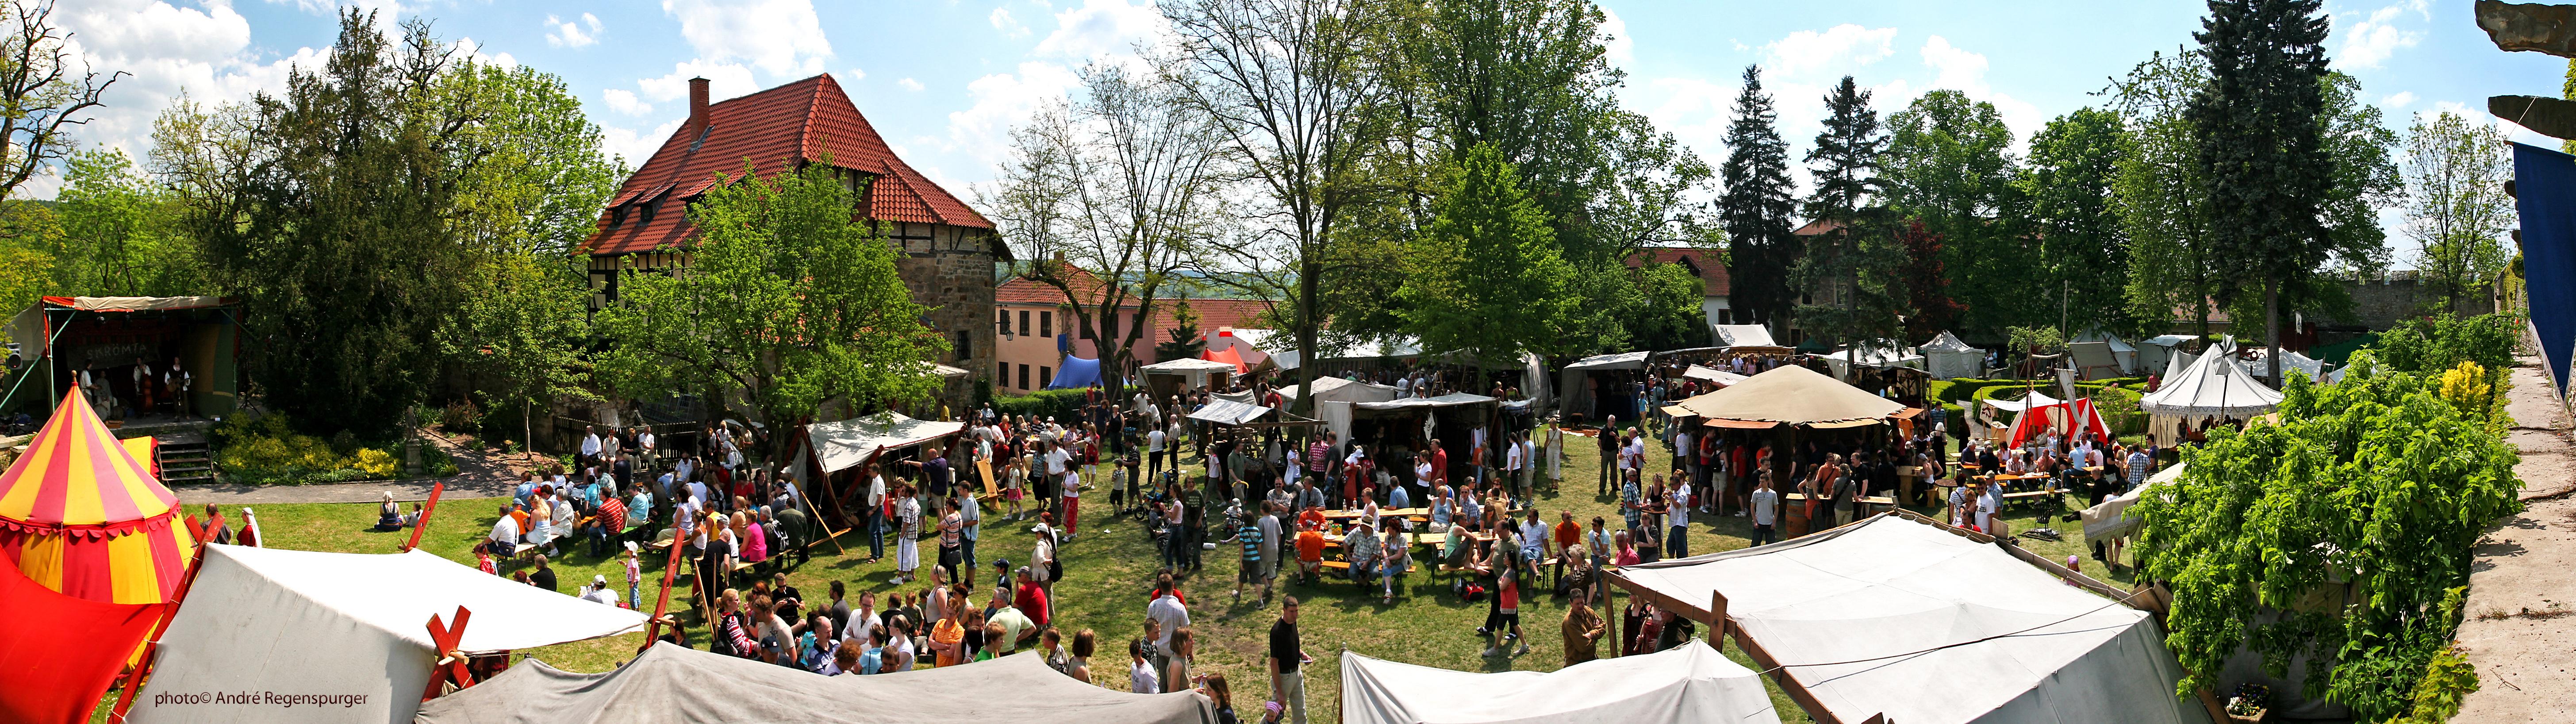 Burgfest CREUZBURG by Poeta Magica